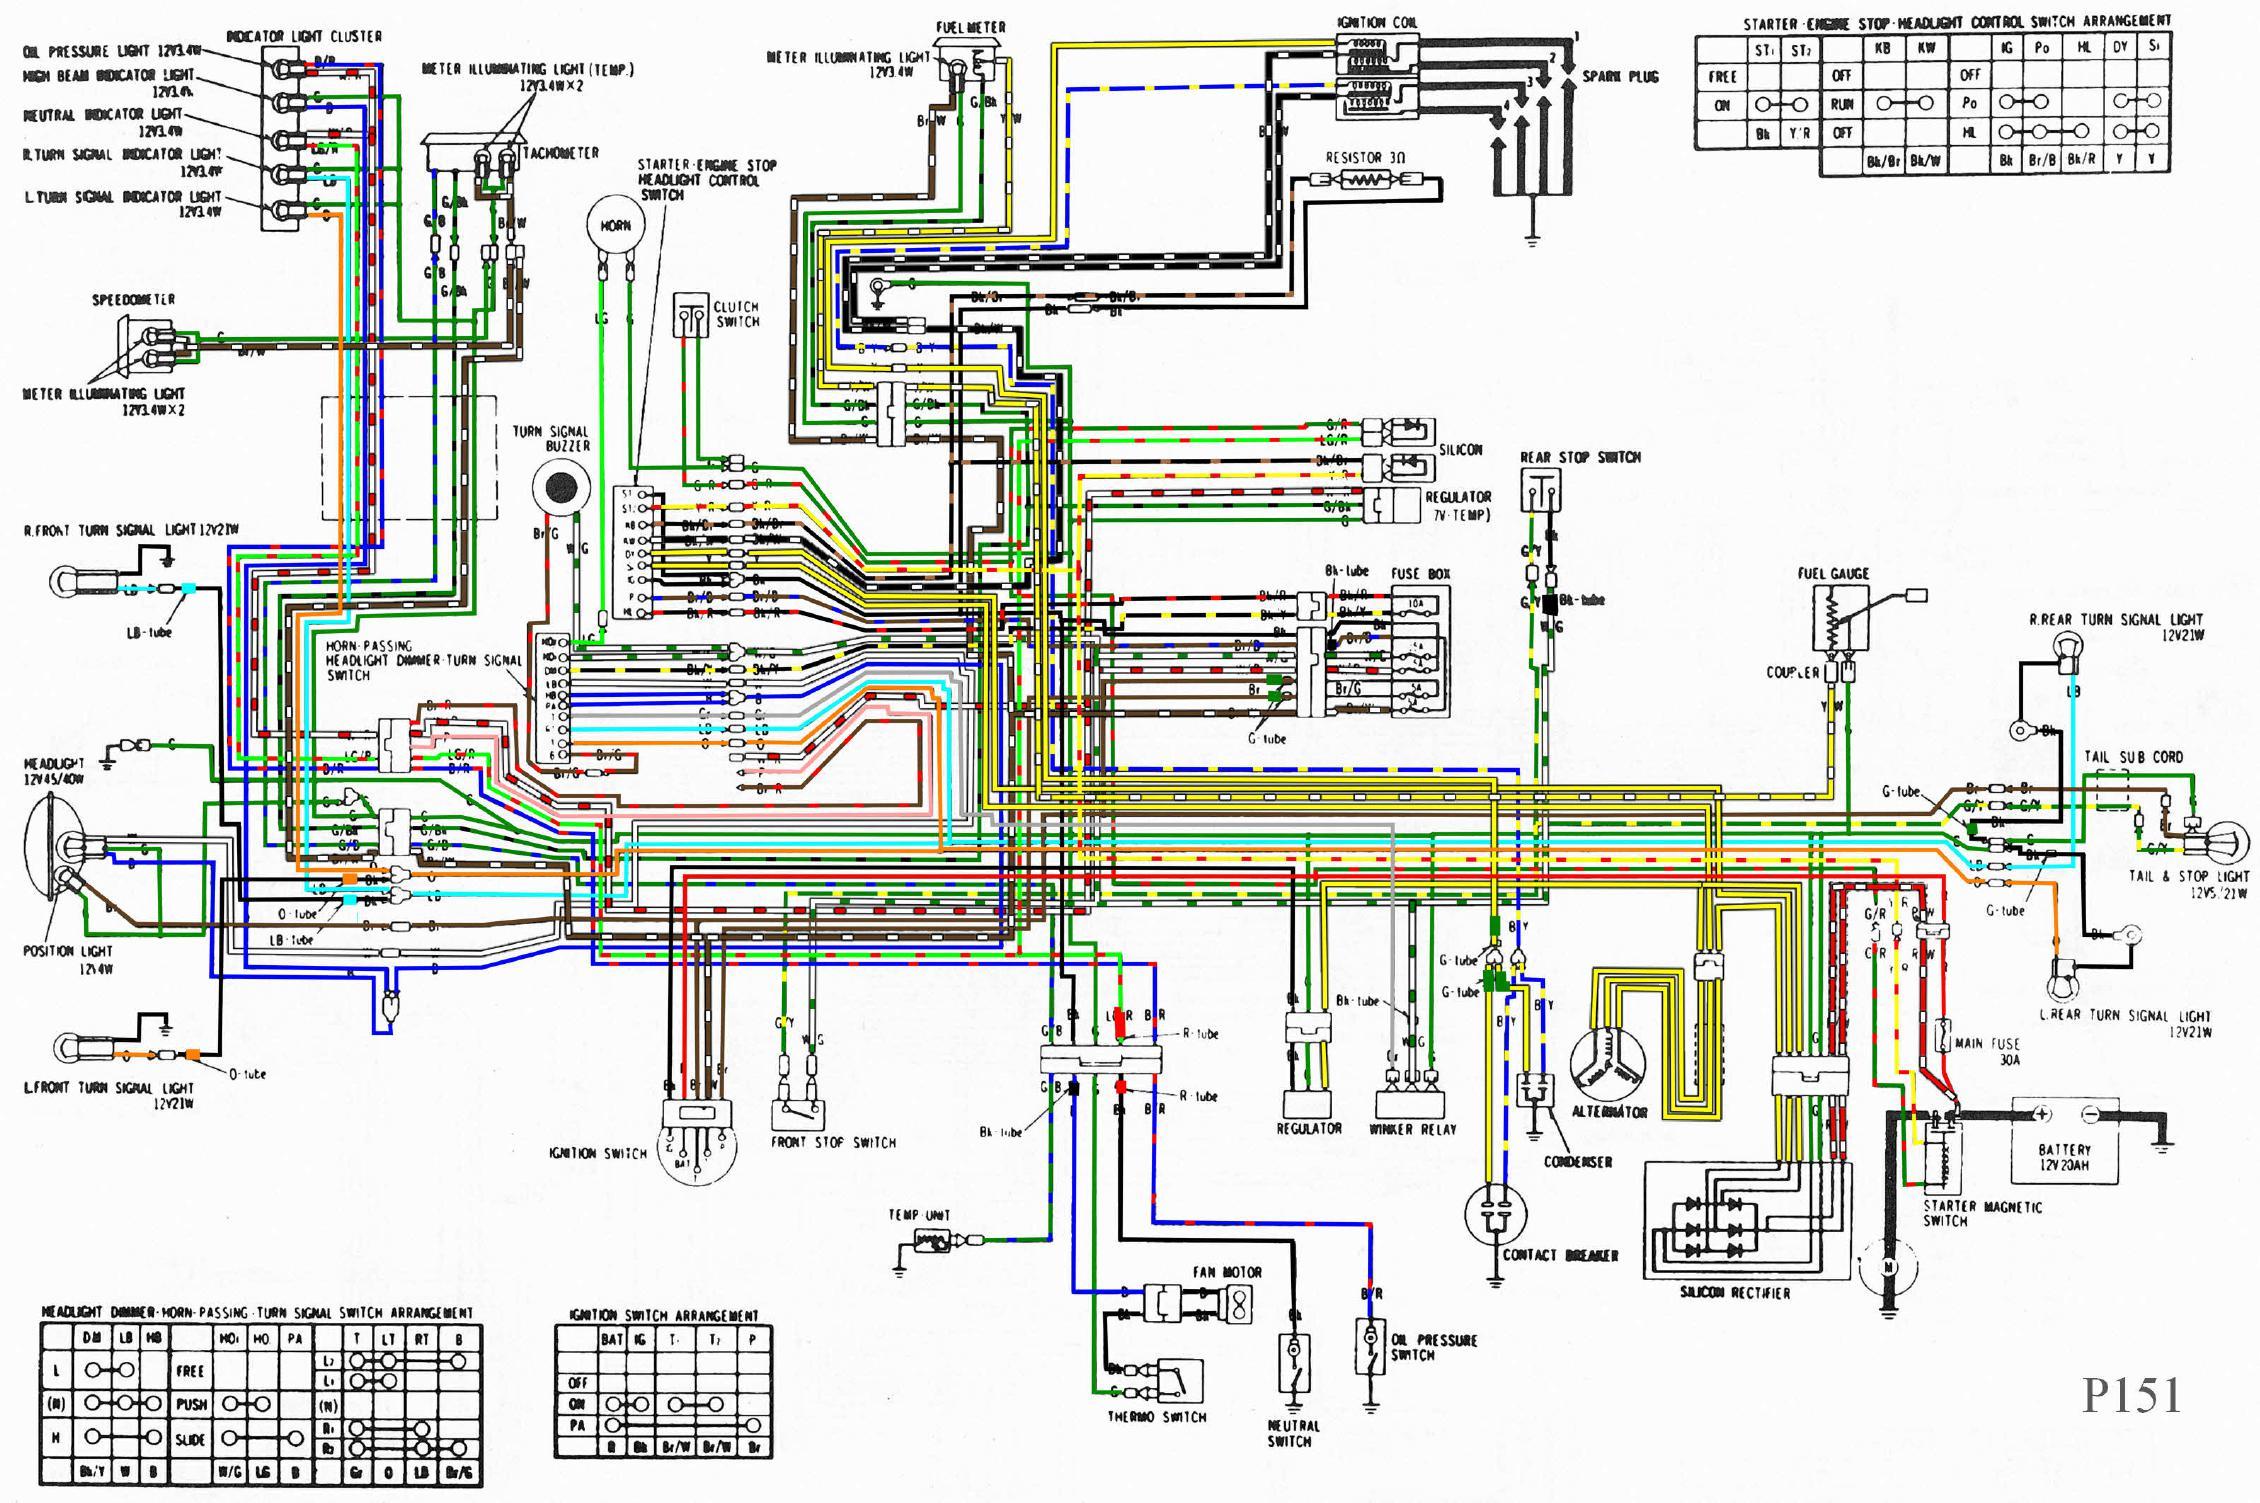 Gl1800 Wiring Schematic - Wiring Diagram Write on honda gl1200 wiring-diagram, 1981 honda gl1100 goldwing wiring, honda goldwing 1800 diagram,